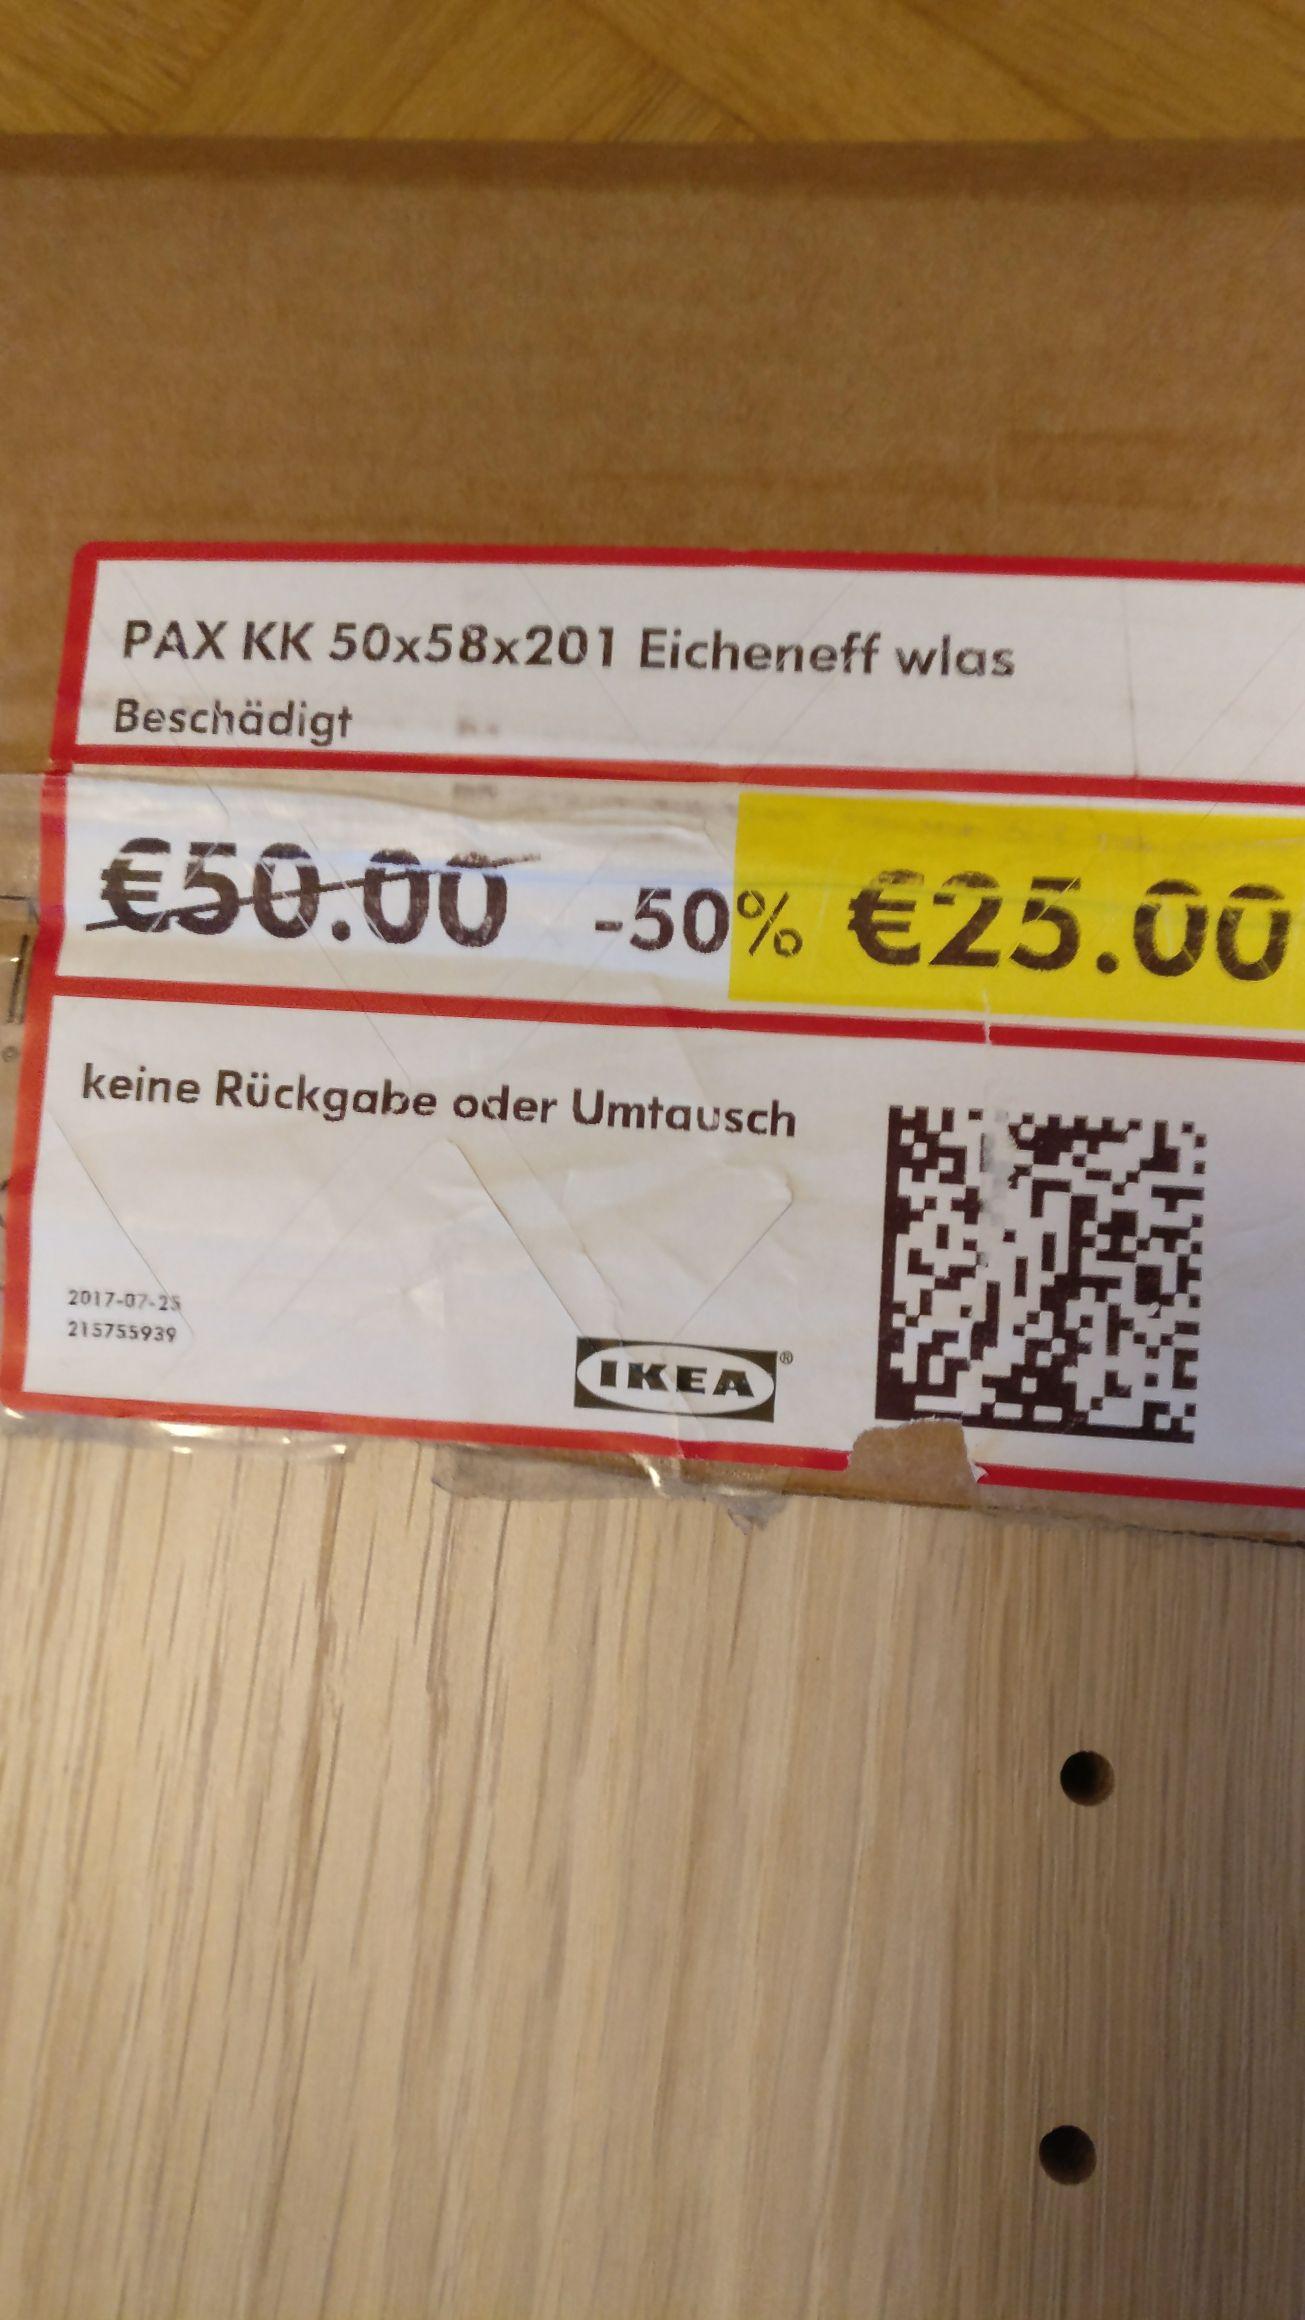 [LOKAL] IKEA Ludwigsburg - Pax 50er Korpus weiss oder Eiche weiss lasiert 201x50x58cm (HxBxT) für 50% bzw. 25 Euro (Hantierungsschaden)